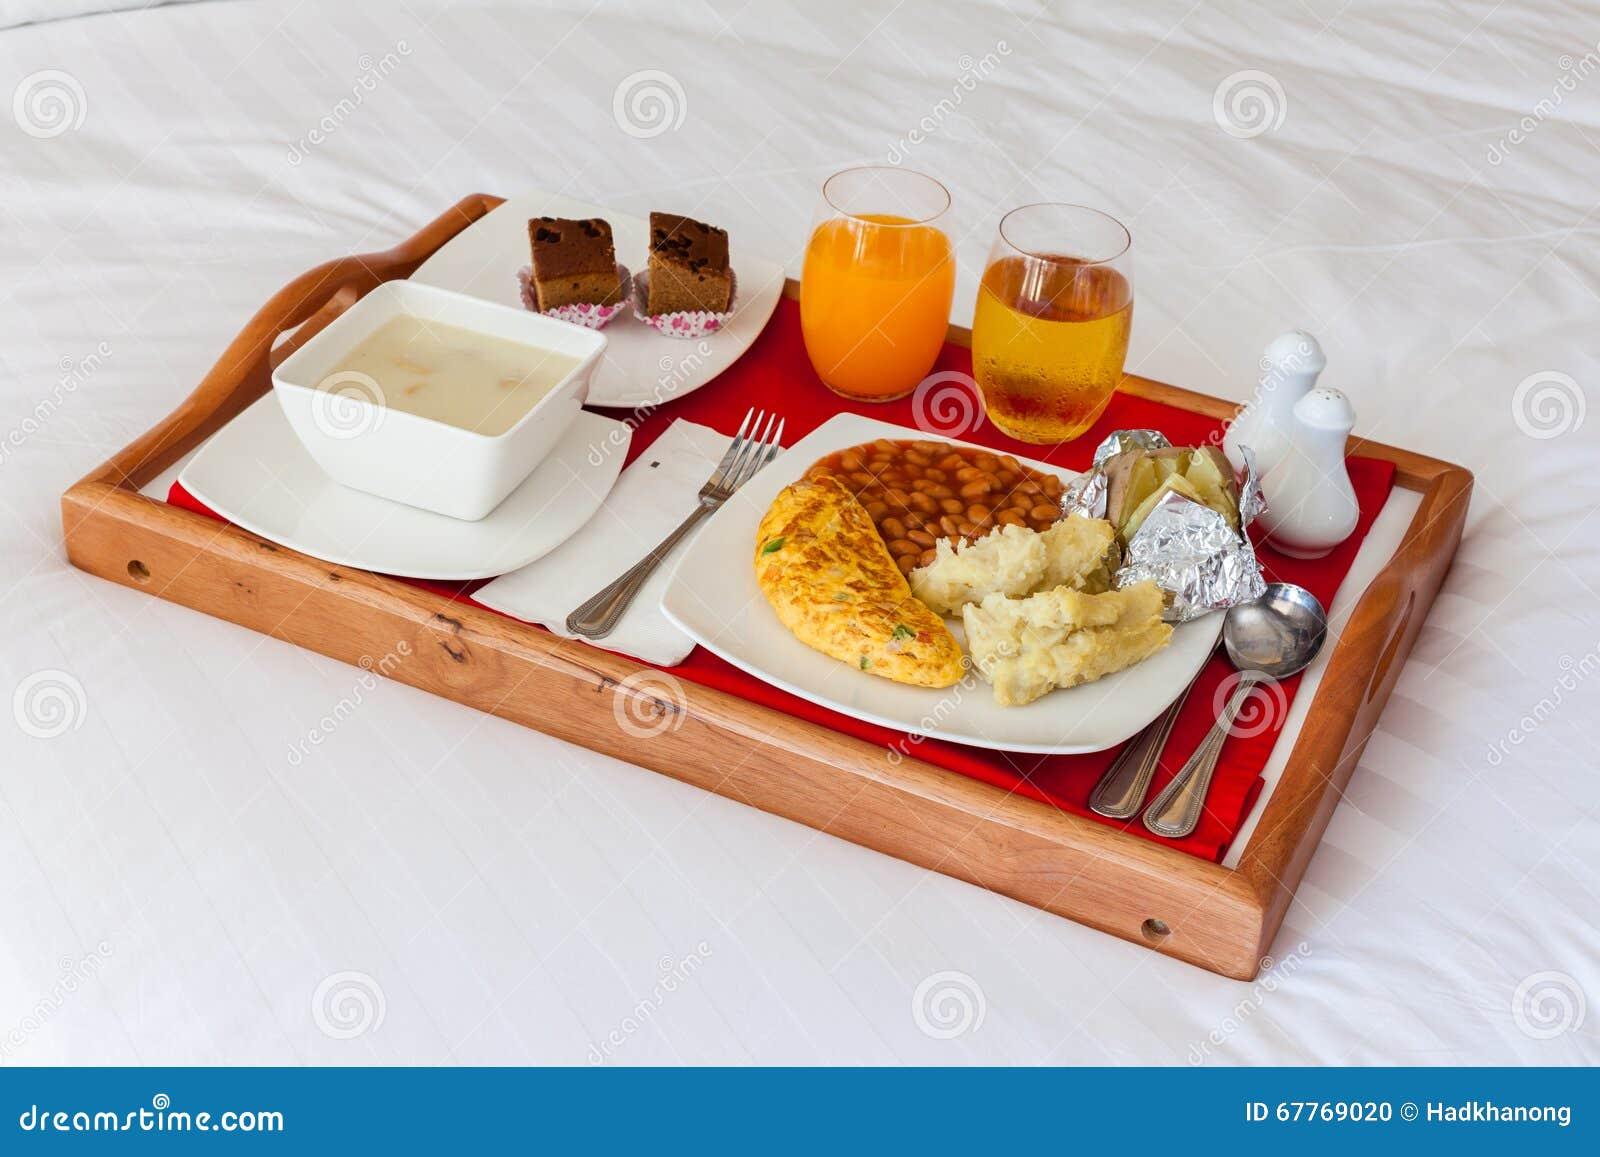 Colazione a letto immagini divertenti - Vassoio colazione letto ...